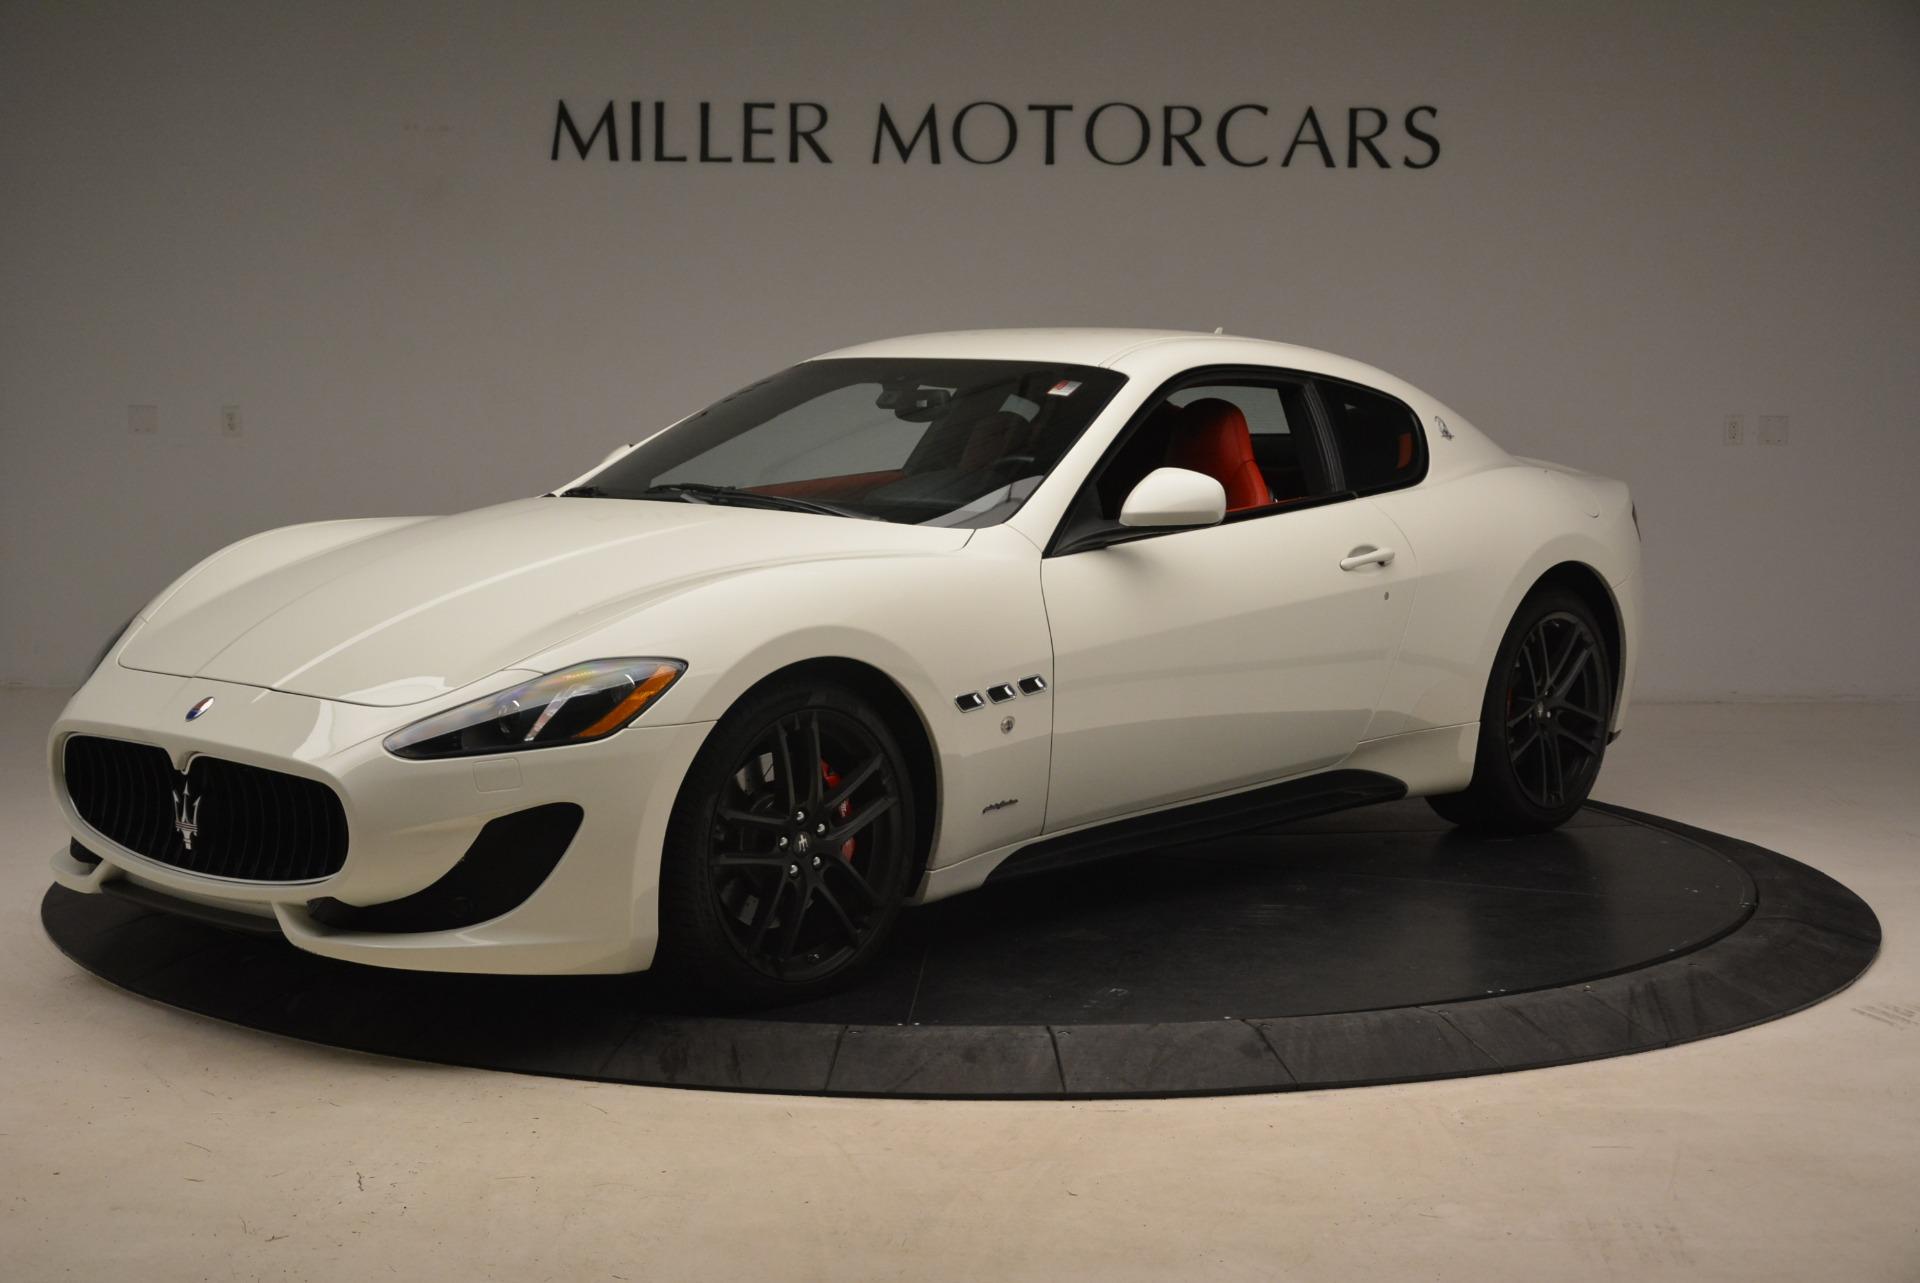 Used 2015 Maserati GranTurismo Sport For Sale In Greenwich, CT 2233_p2